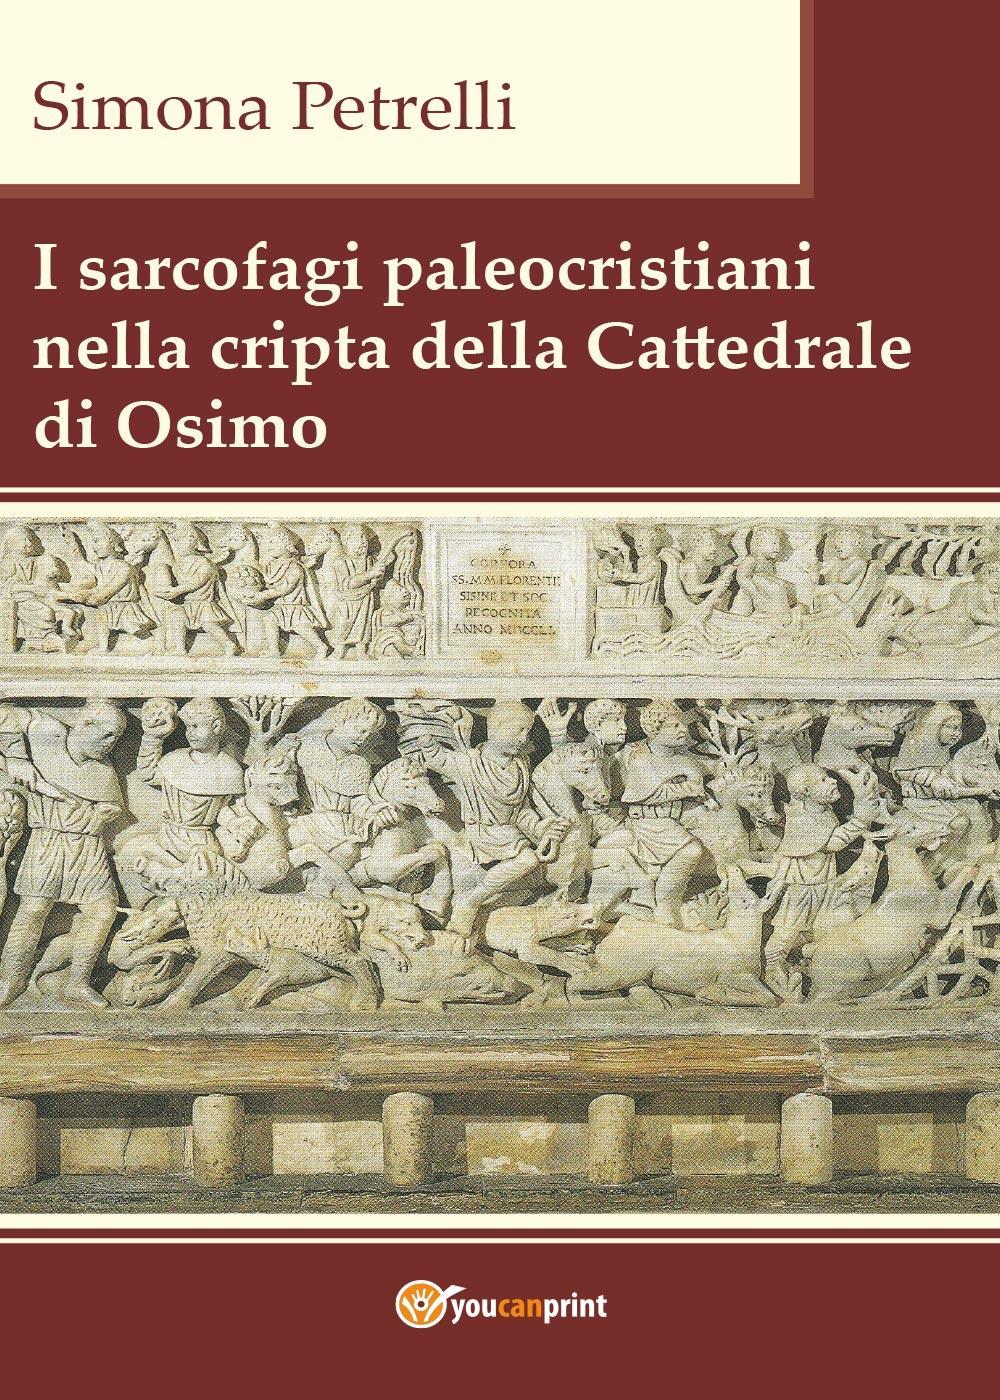 I sarcofagi paleocristiani nella cripta della Cattedrale di Osimo